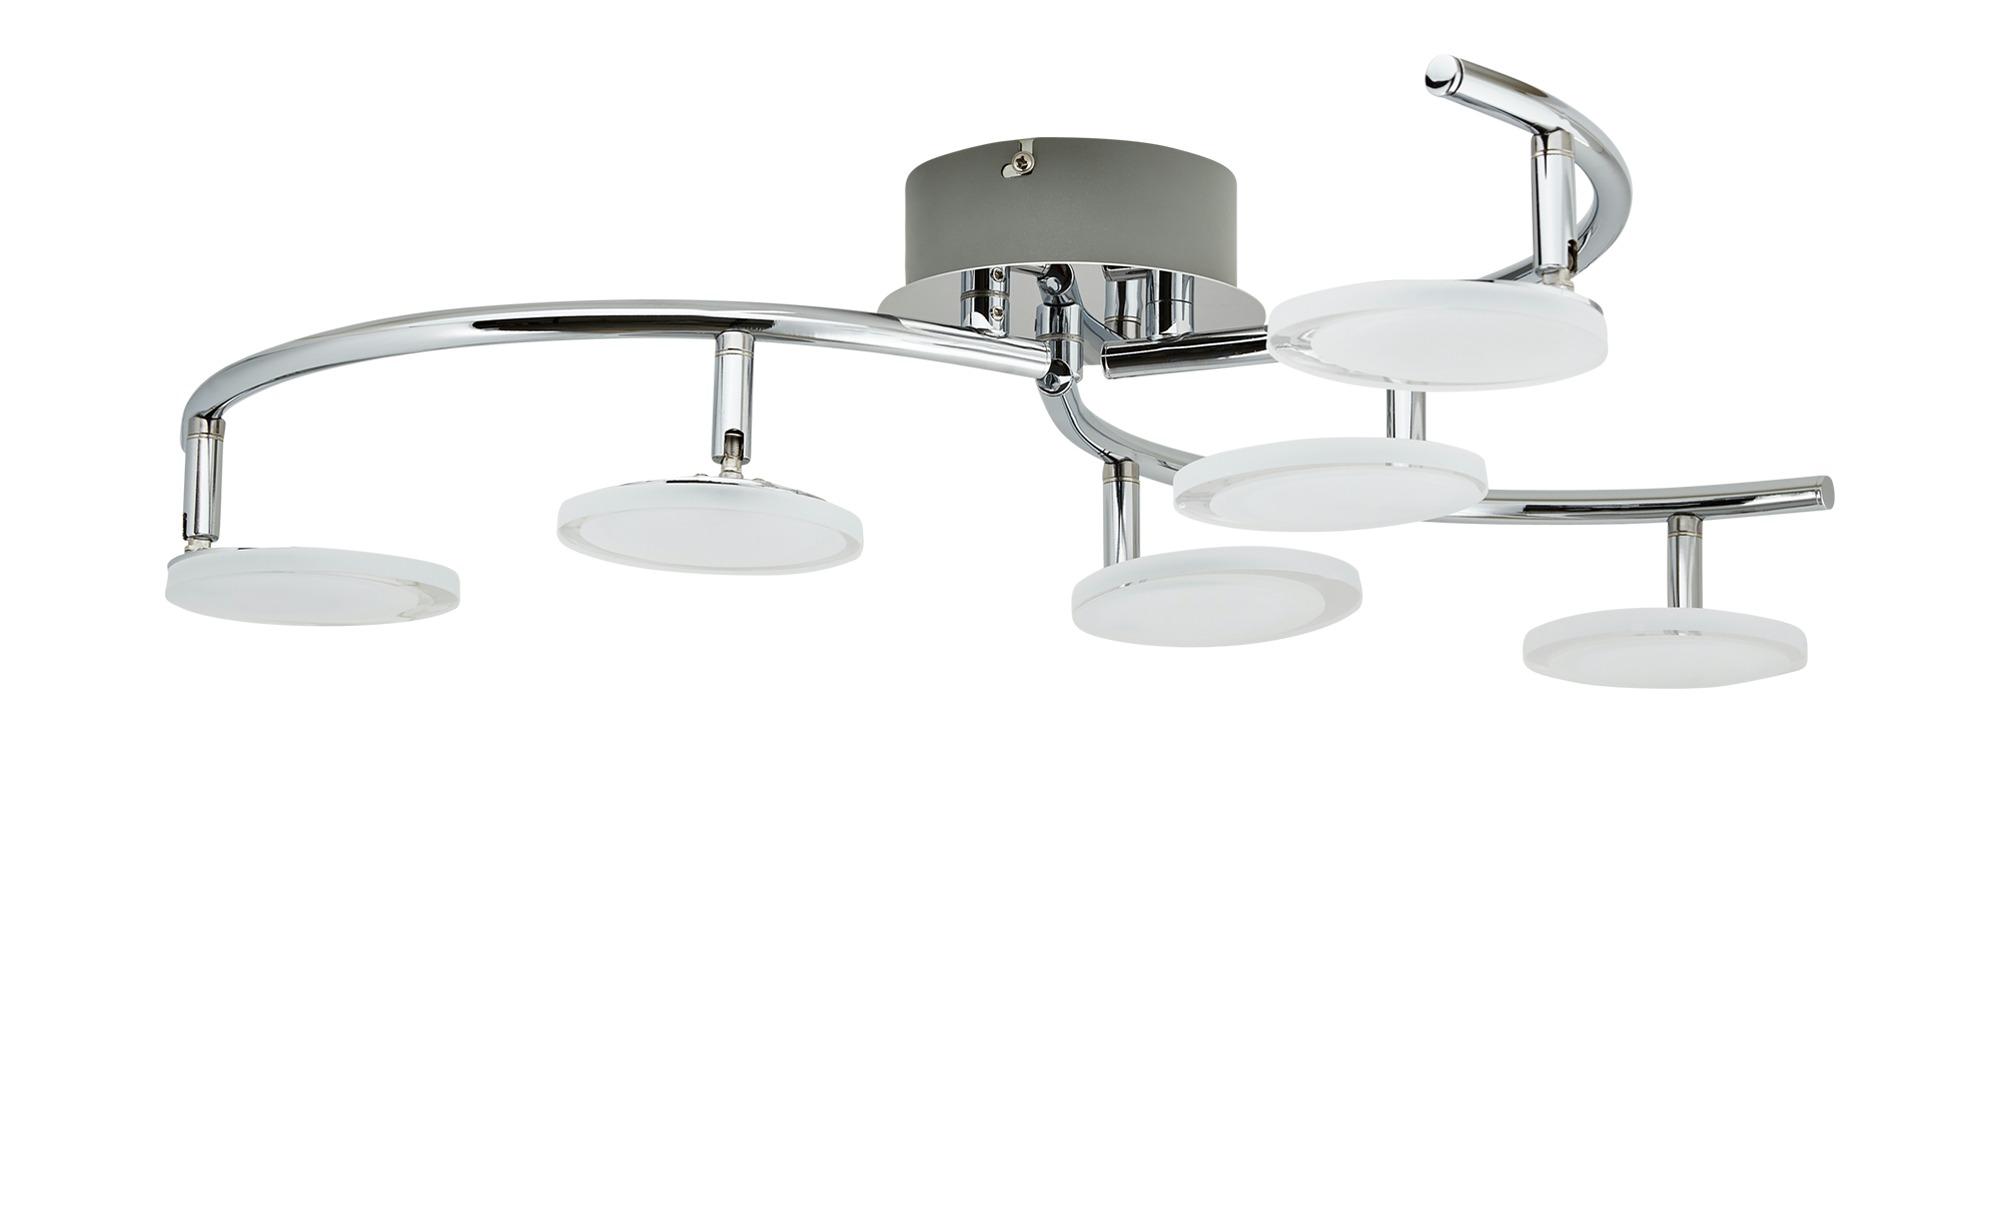 KHG LED-Deckenleuchte Acrylglas ¦ silber ¦ Maße (cm): H: 19,5 Ø: 65 Lampen & Leuchten > Innenleuchten > Deckenleuchten - Höffner